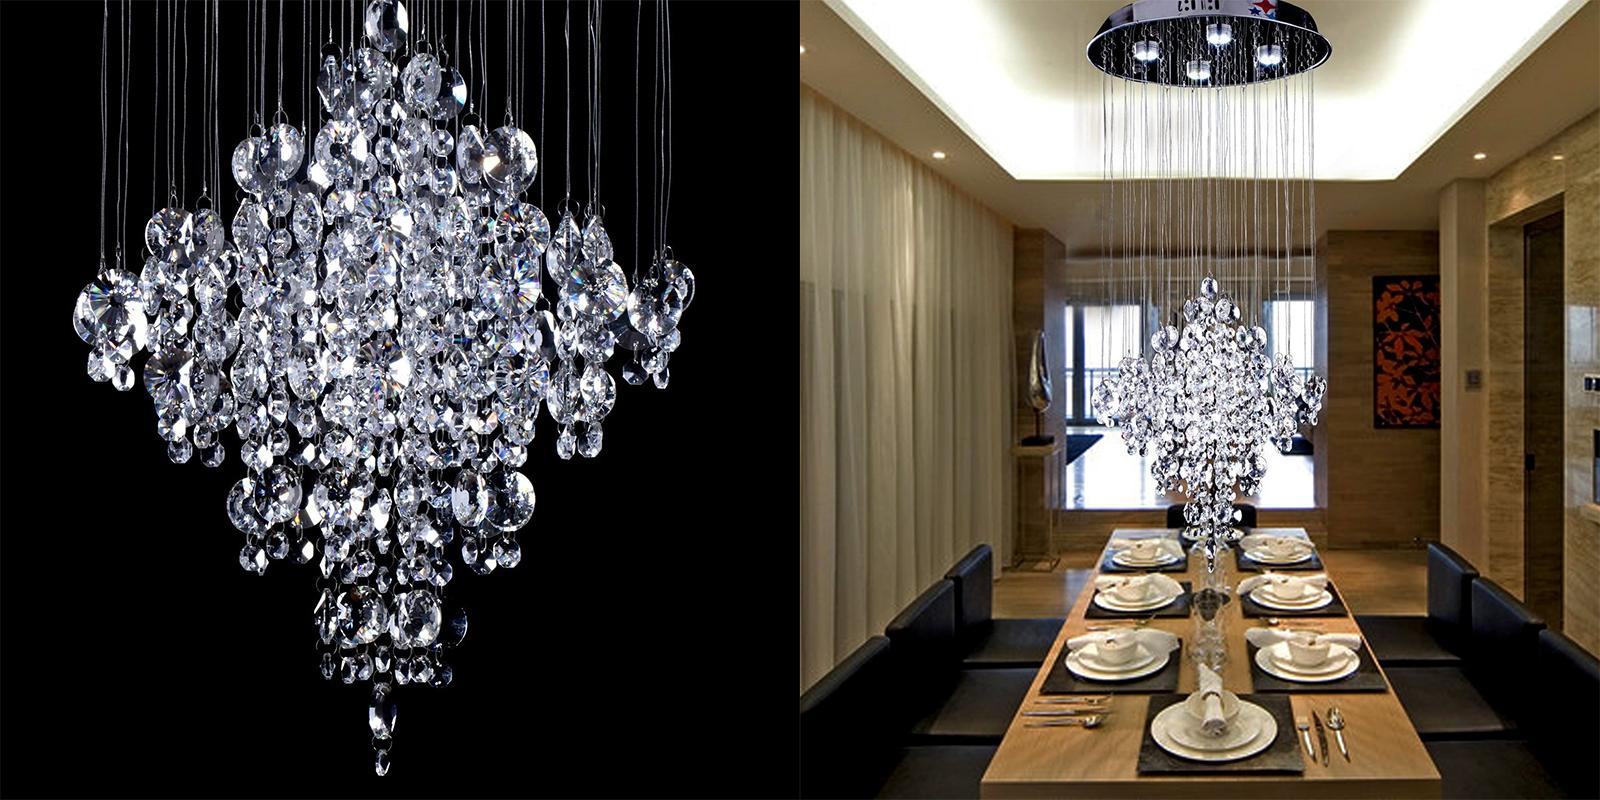 Crystal Raindrop Chandelier Chandeliers Design – Raindrop Chandelier Crystals